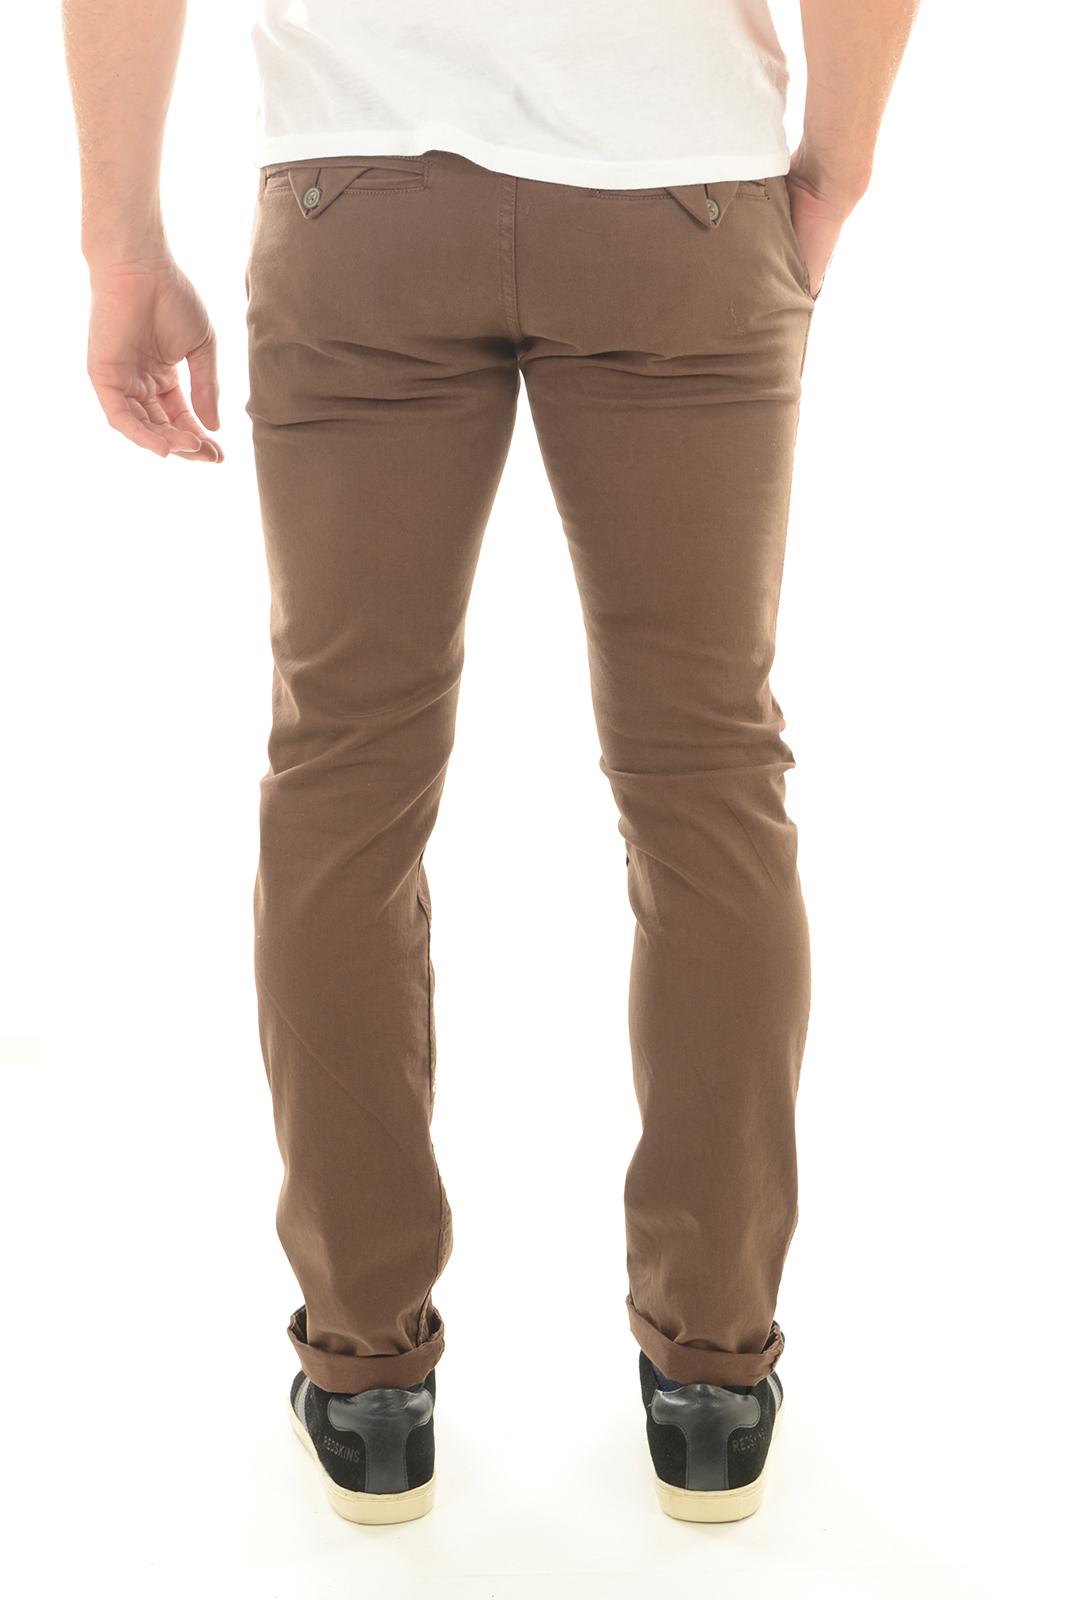 Pantalons  Redskins AUBURN CHOCO